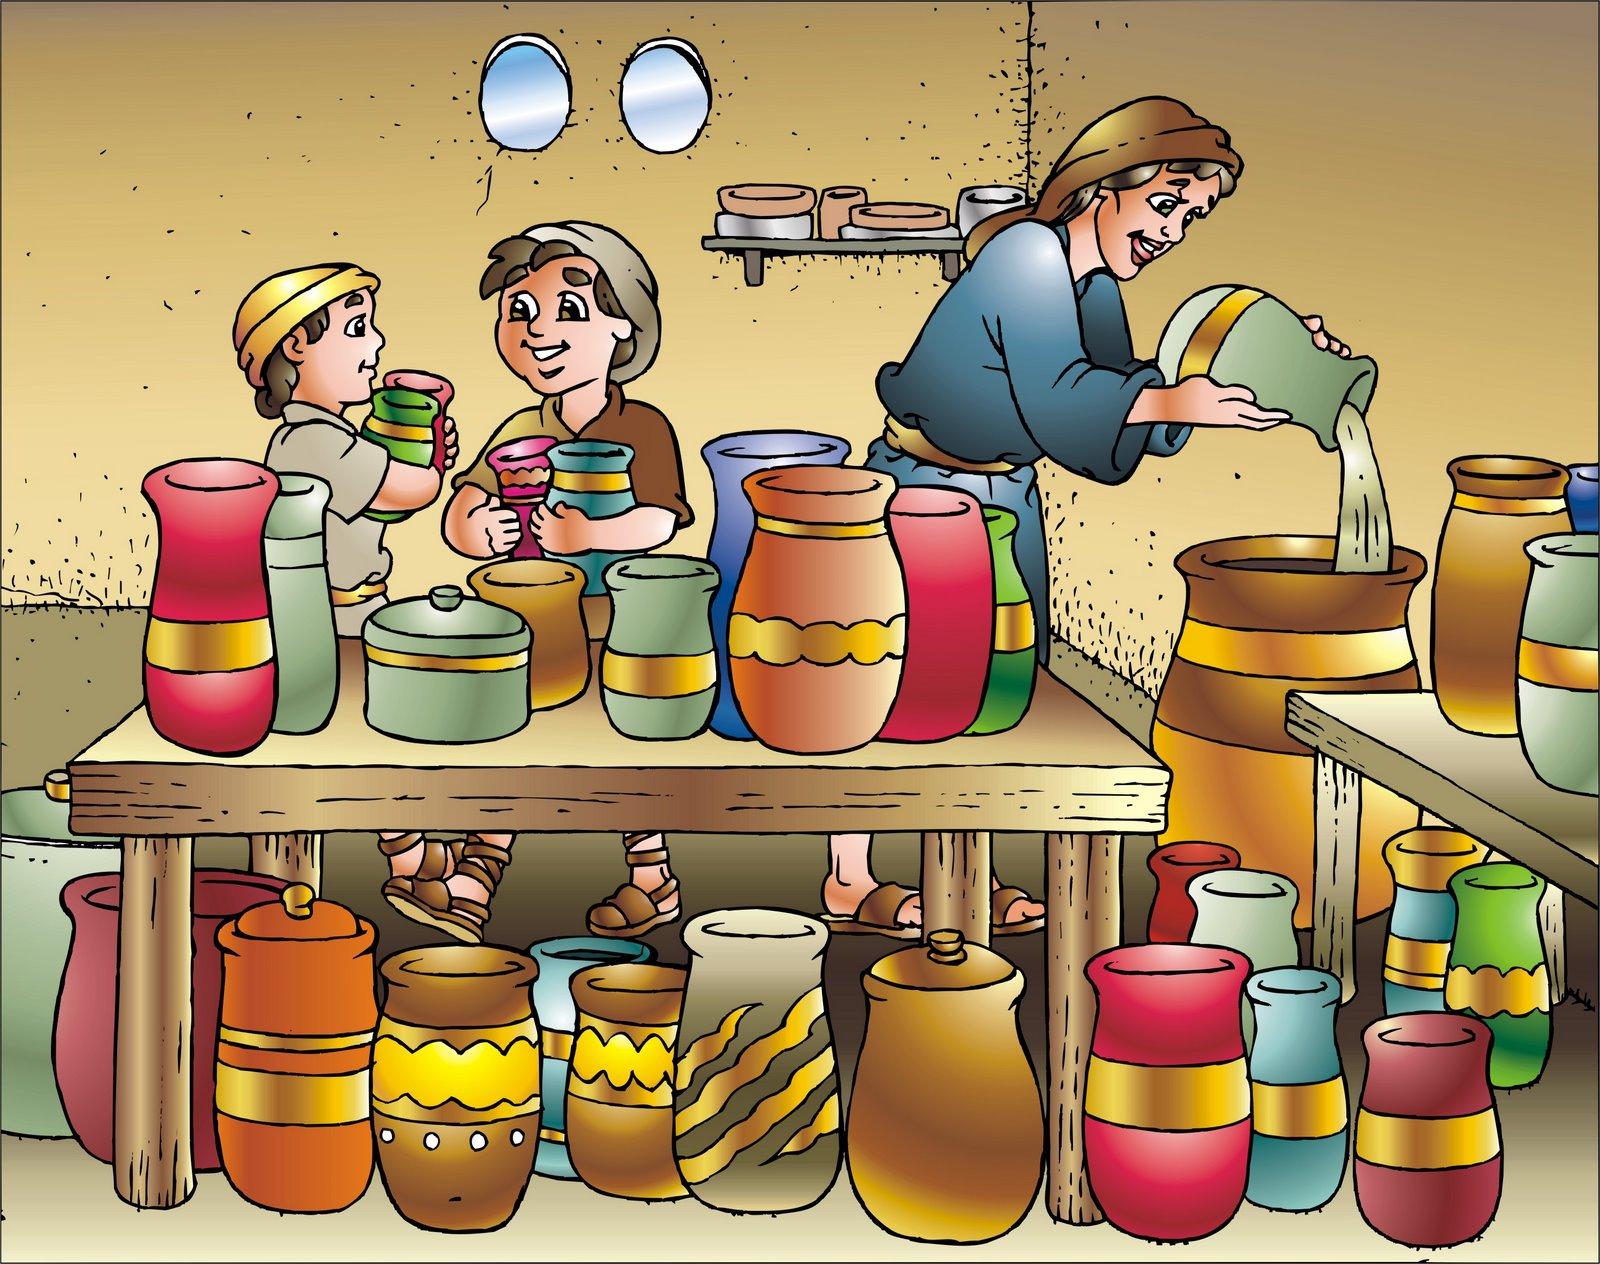 Eliseu aumenta o azeite da viúva